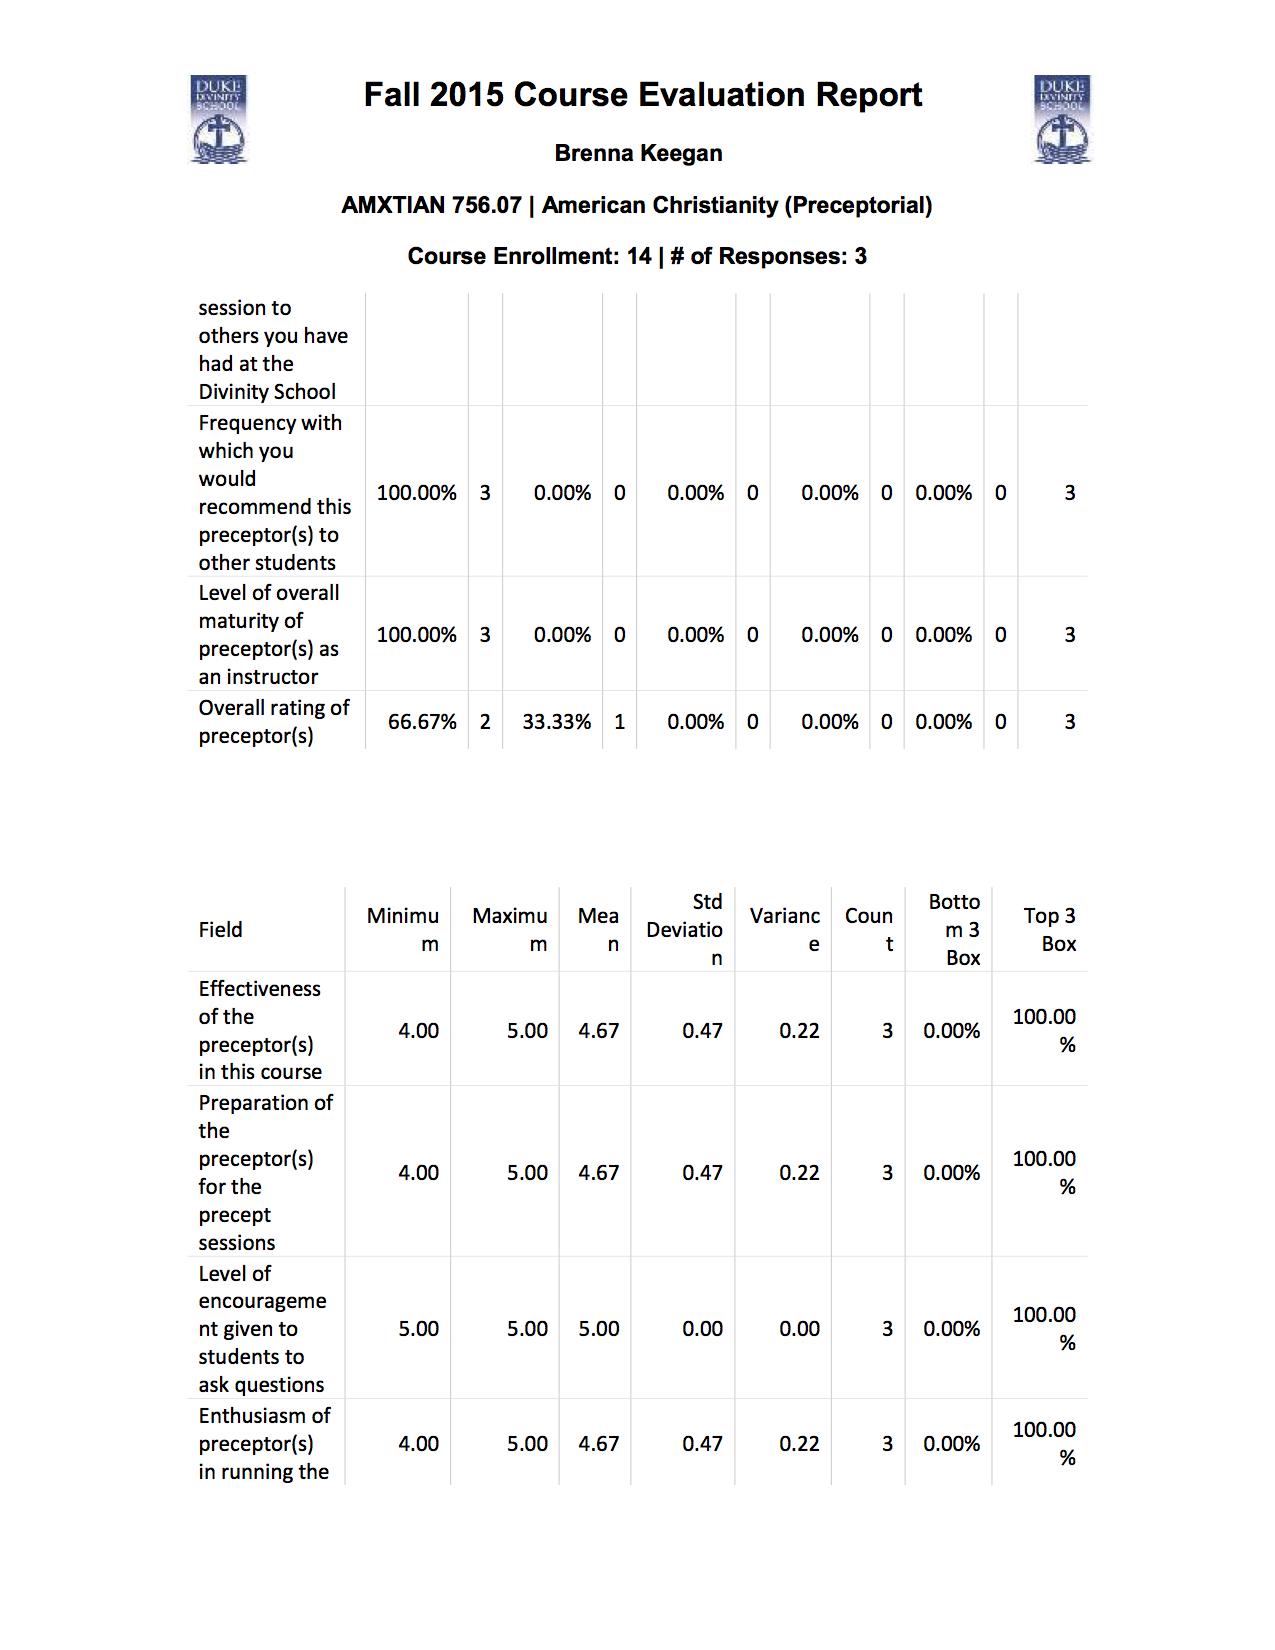 Fall15AMXTIAN756.Evaluations2.jpg